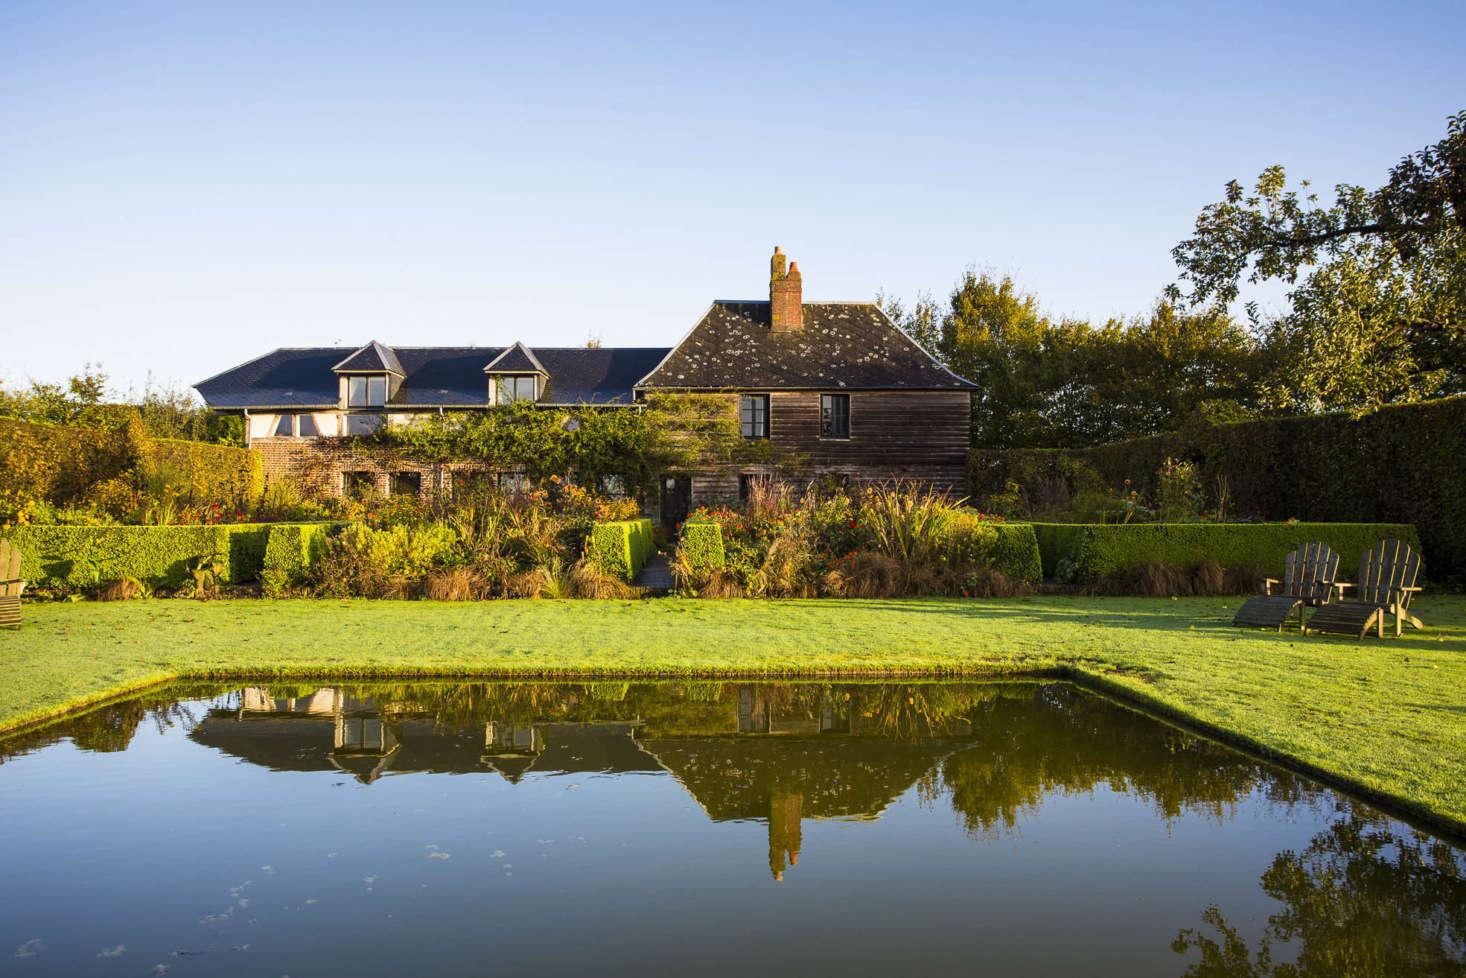 Le Jardin Plume in Auzouville-sur-Ry, near Rouen, France.